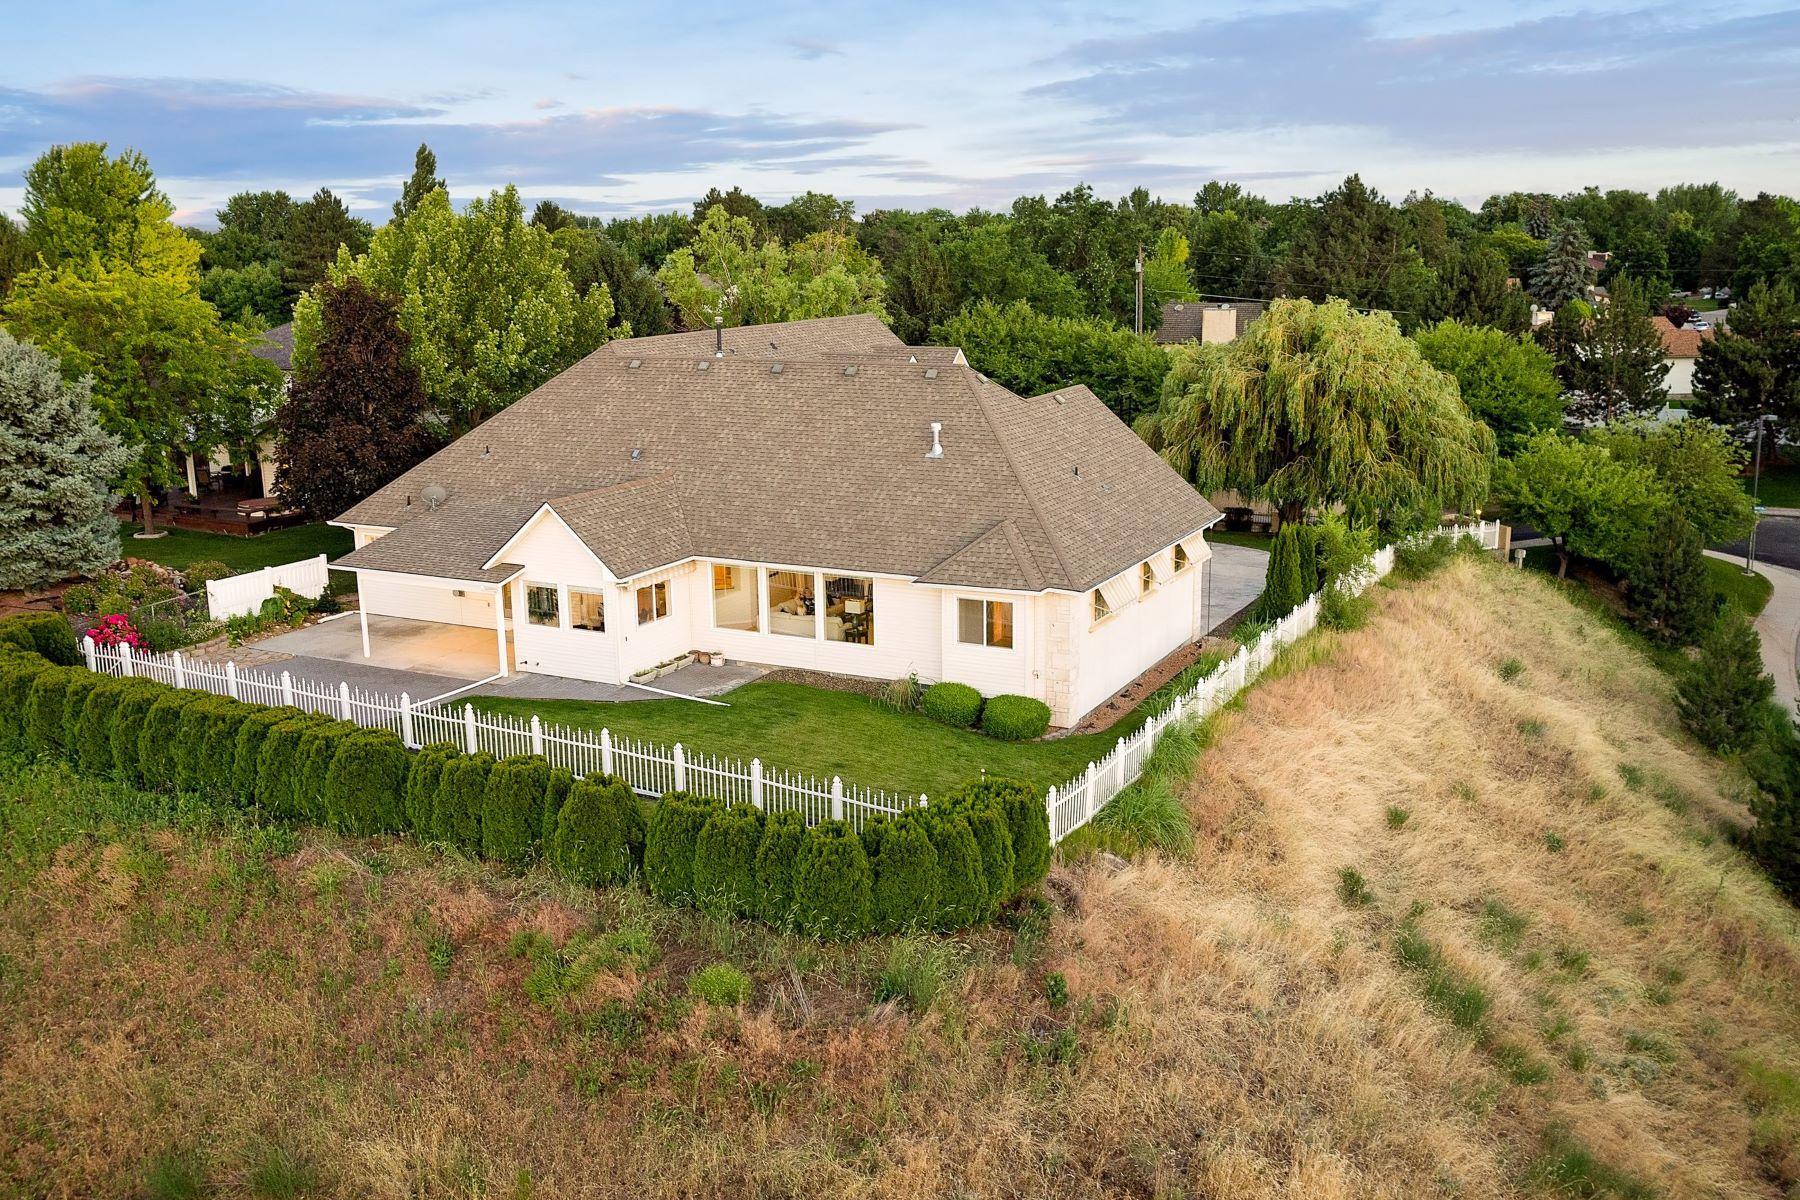 Casa Unifamiliar por un Venta en 9696 Canyon Ridge, Boise 9696 W Canyon Ridge, Boise, Idaho, 83704 Estados Unidos